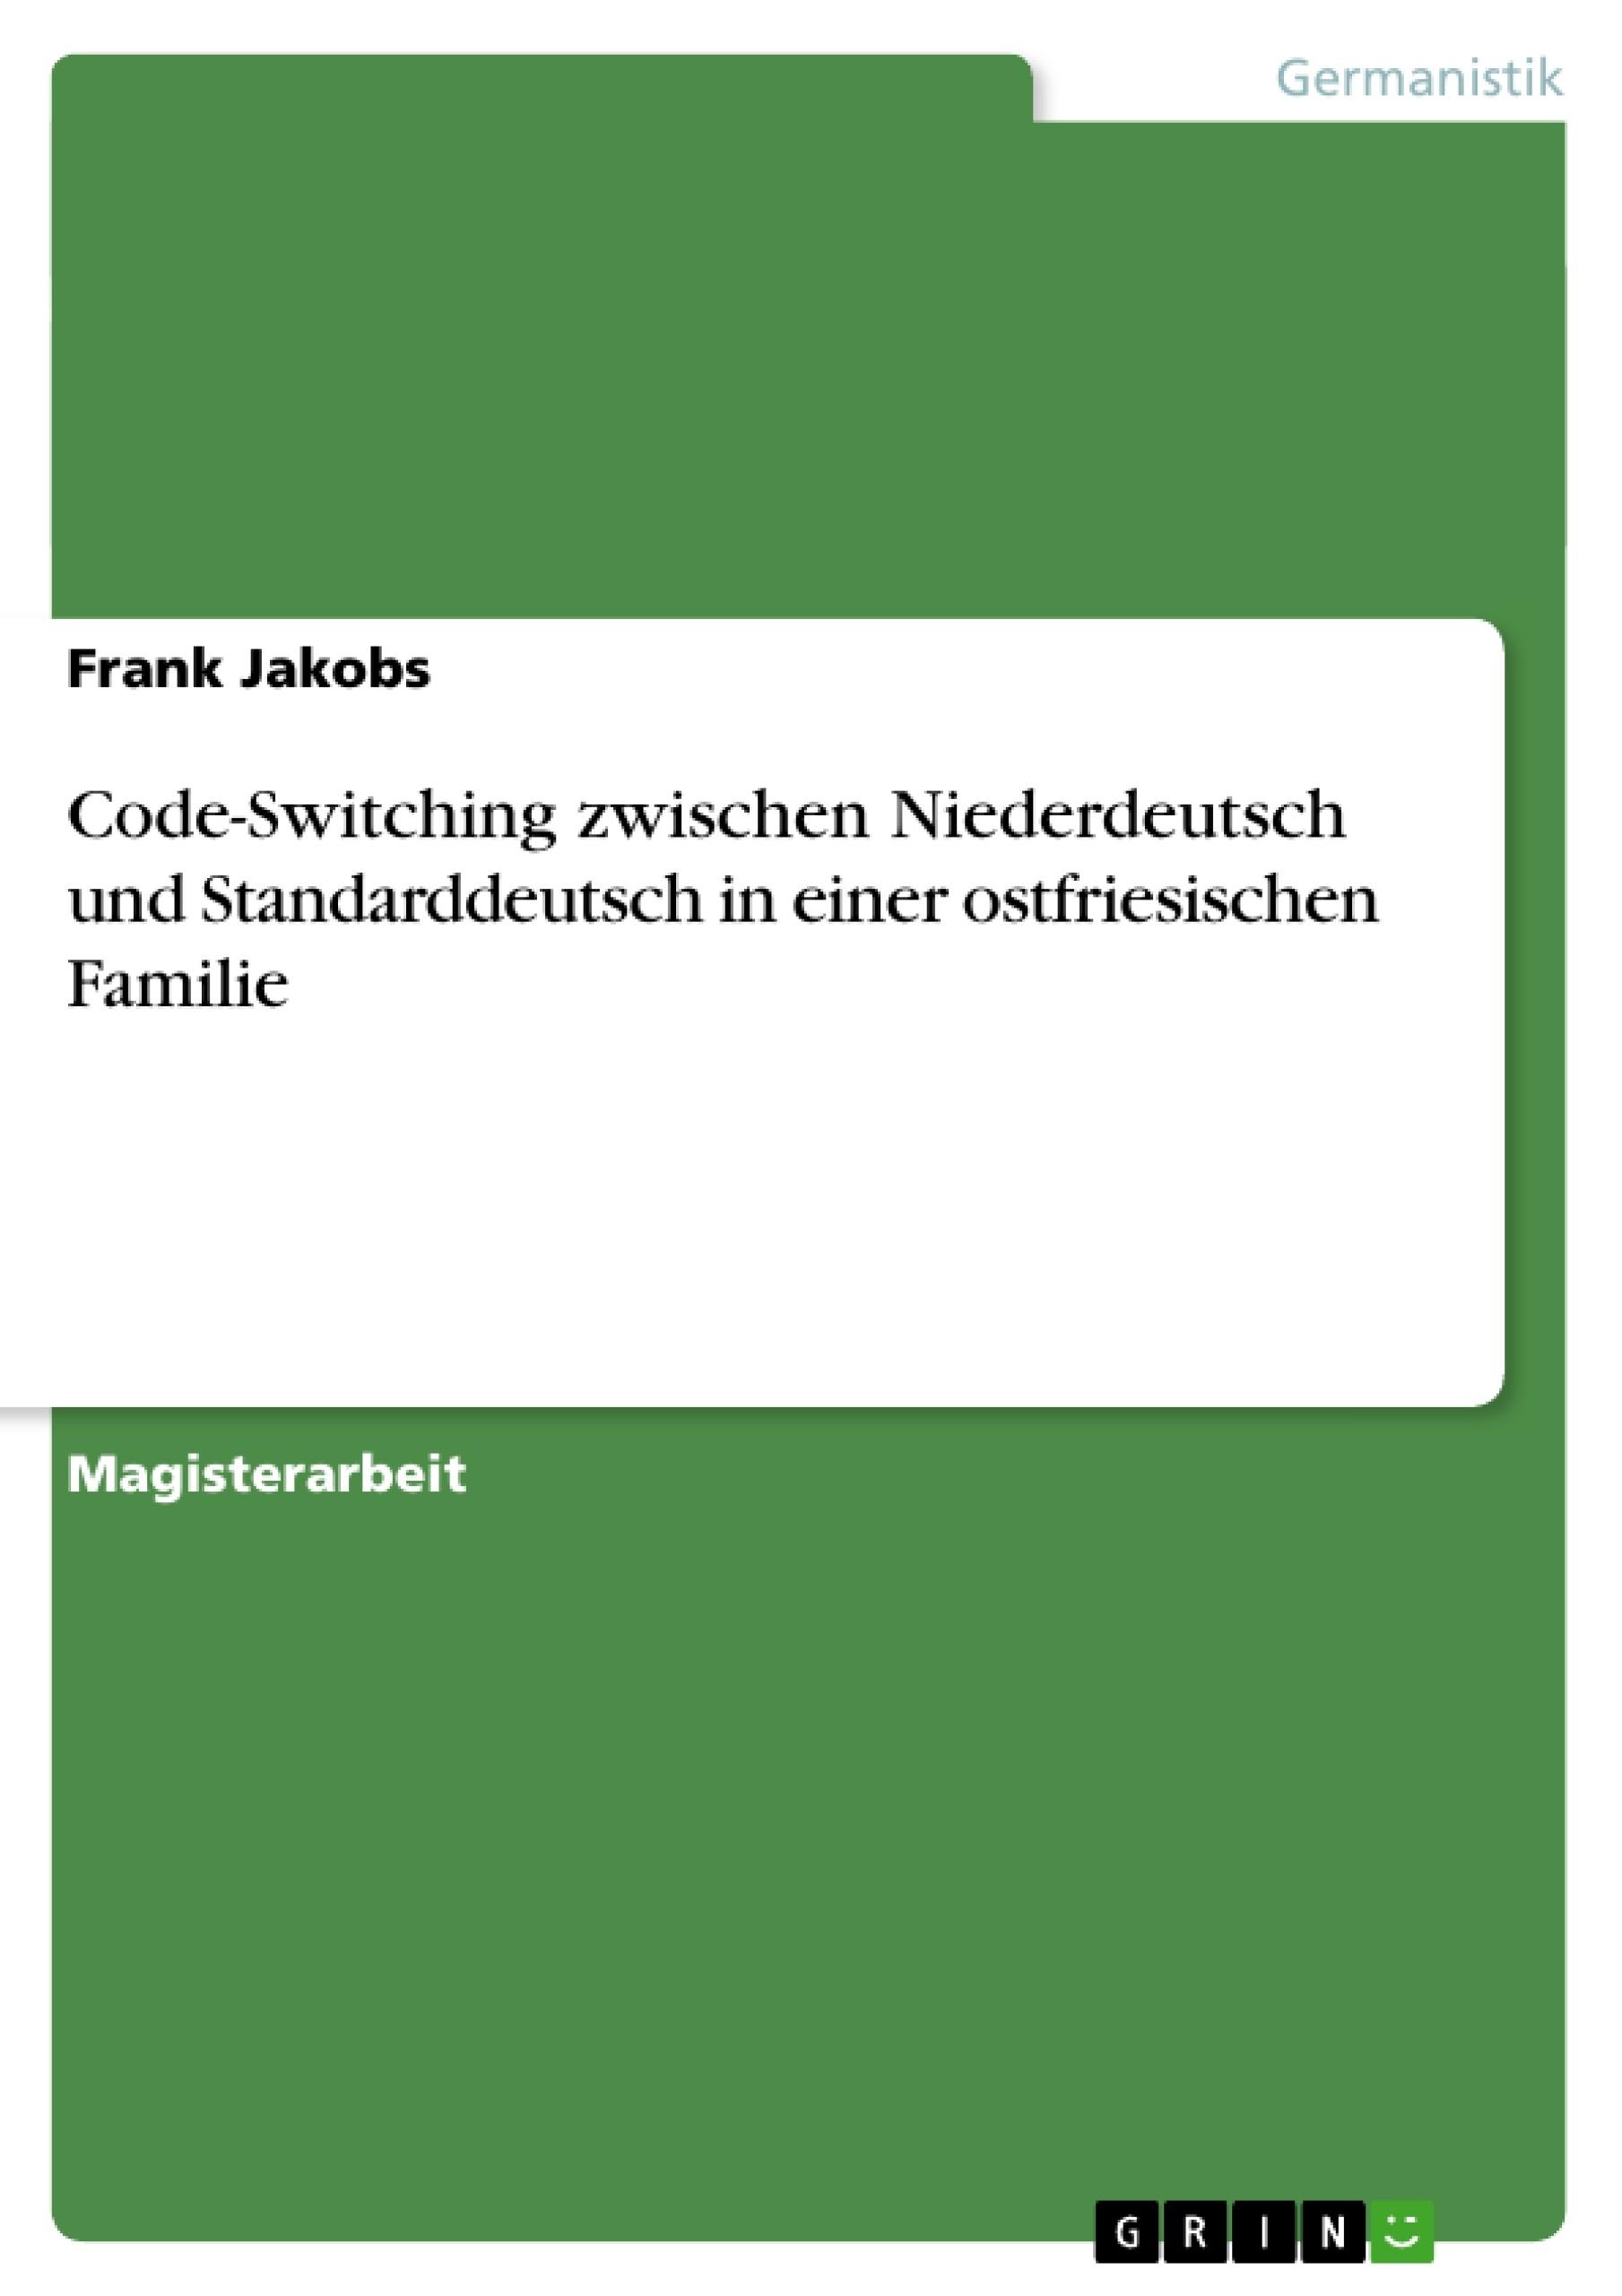 Titel: Code-Switching zwischen Niederdeutsch und Standarddeutsch in einer ostfriesischen Familie